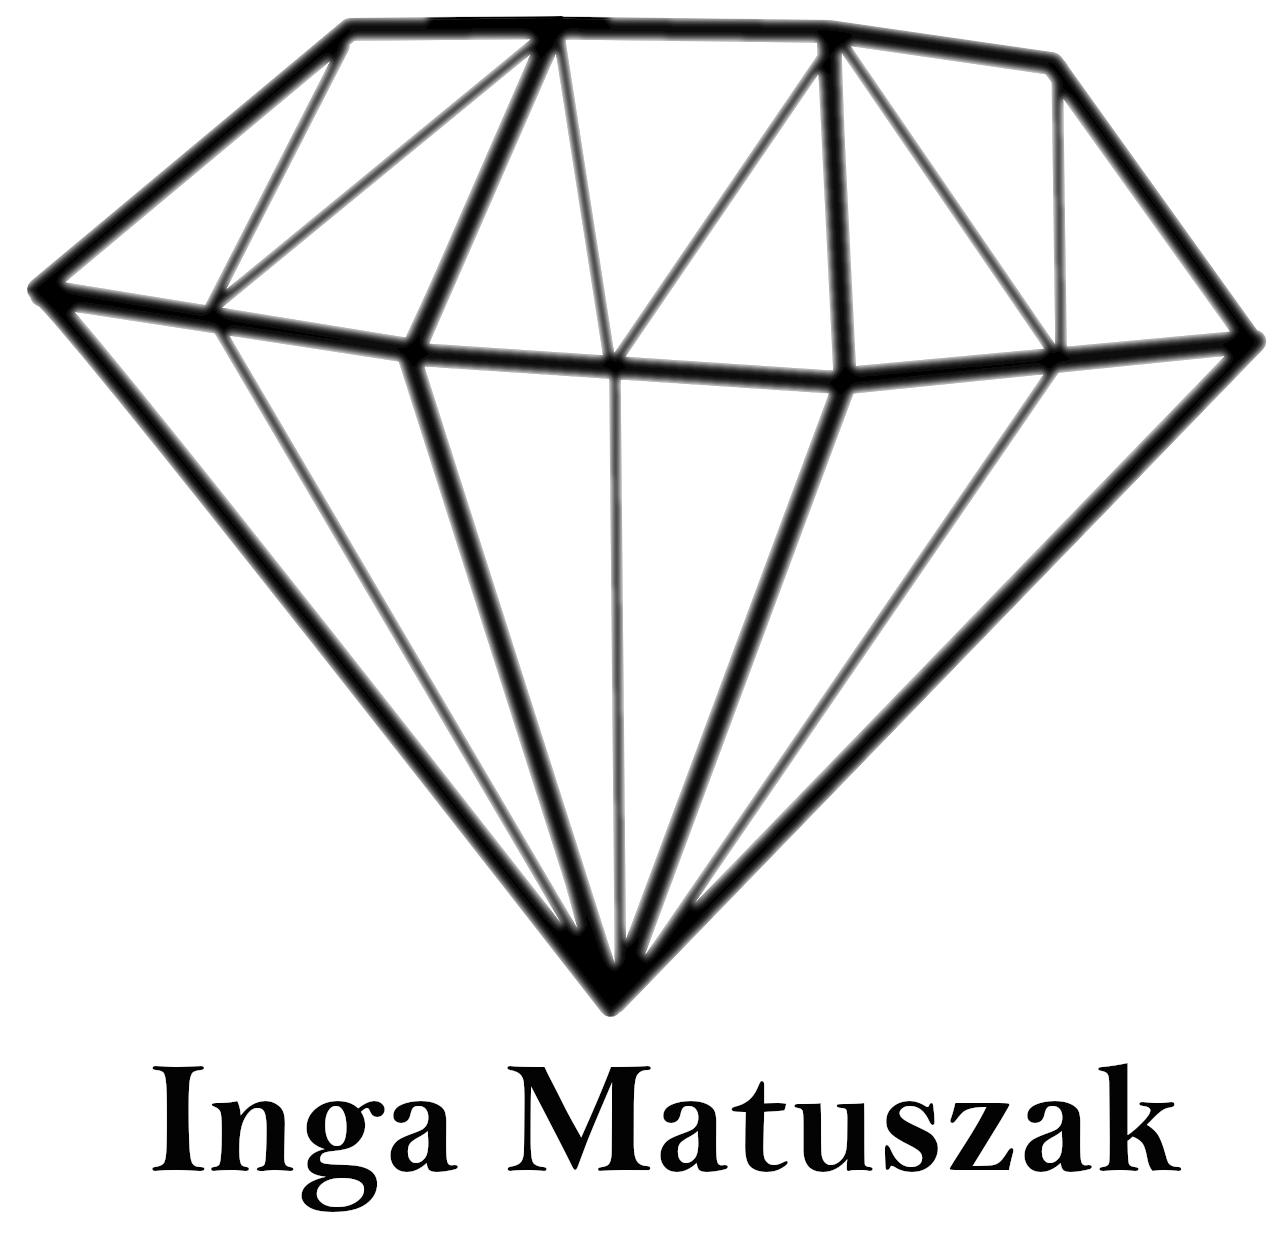 Inga Matuszak